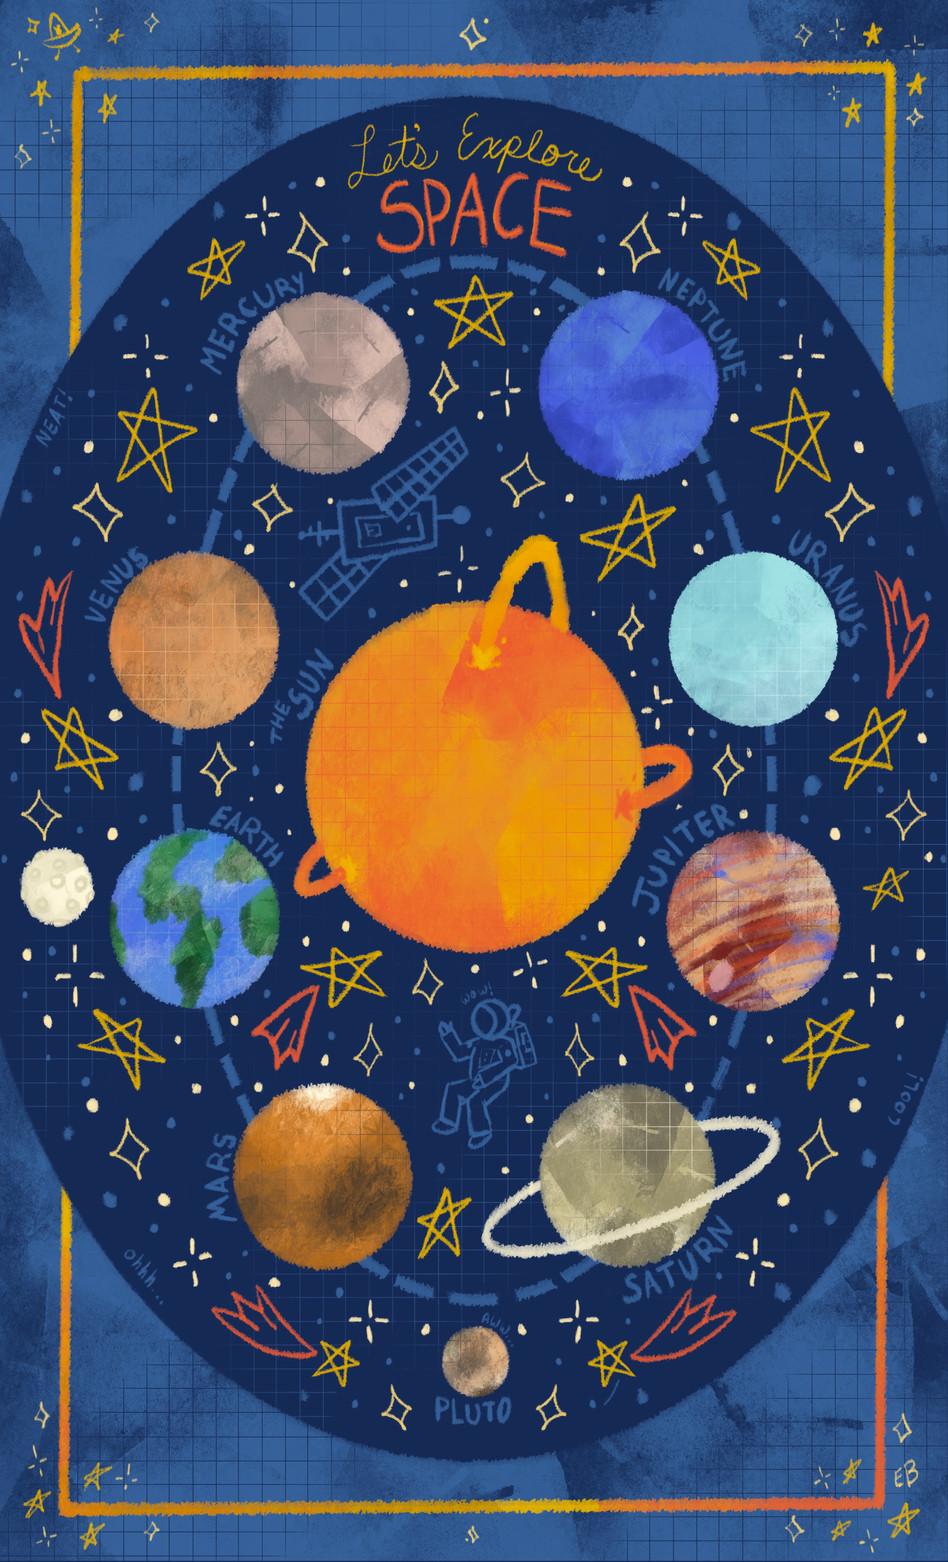 Let's Explore Space!